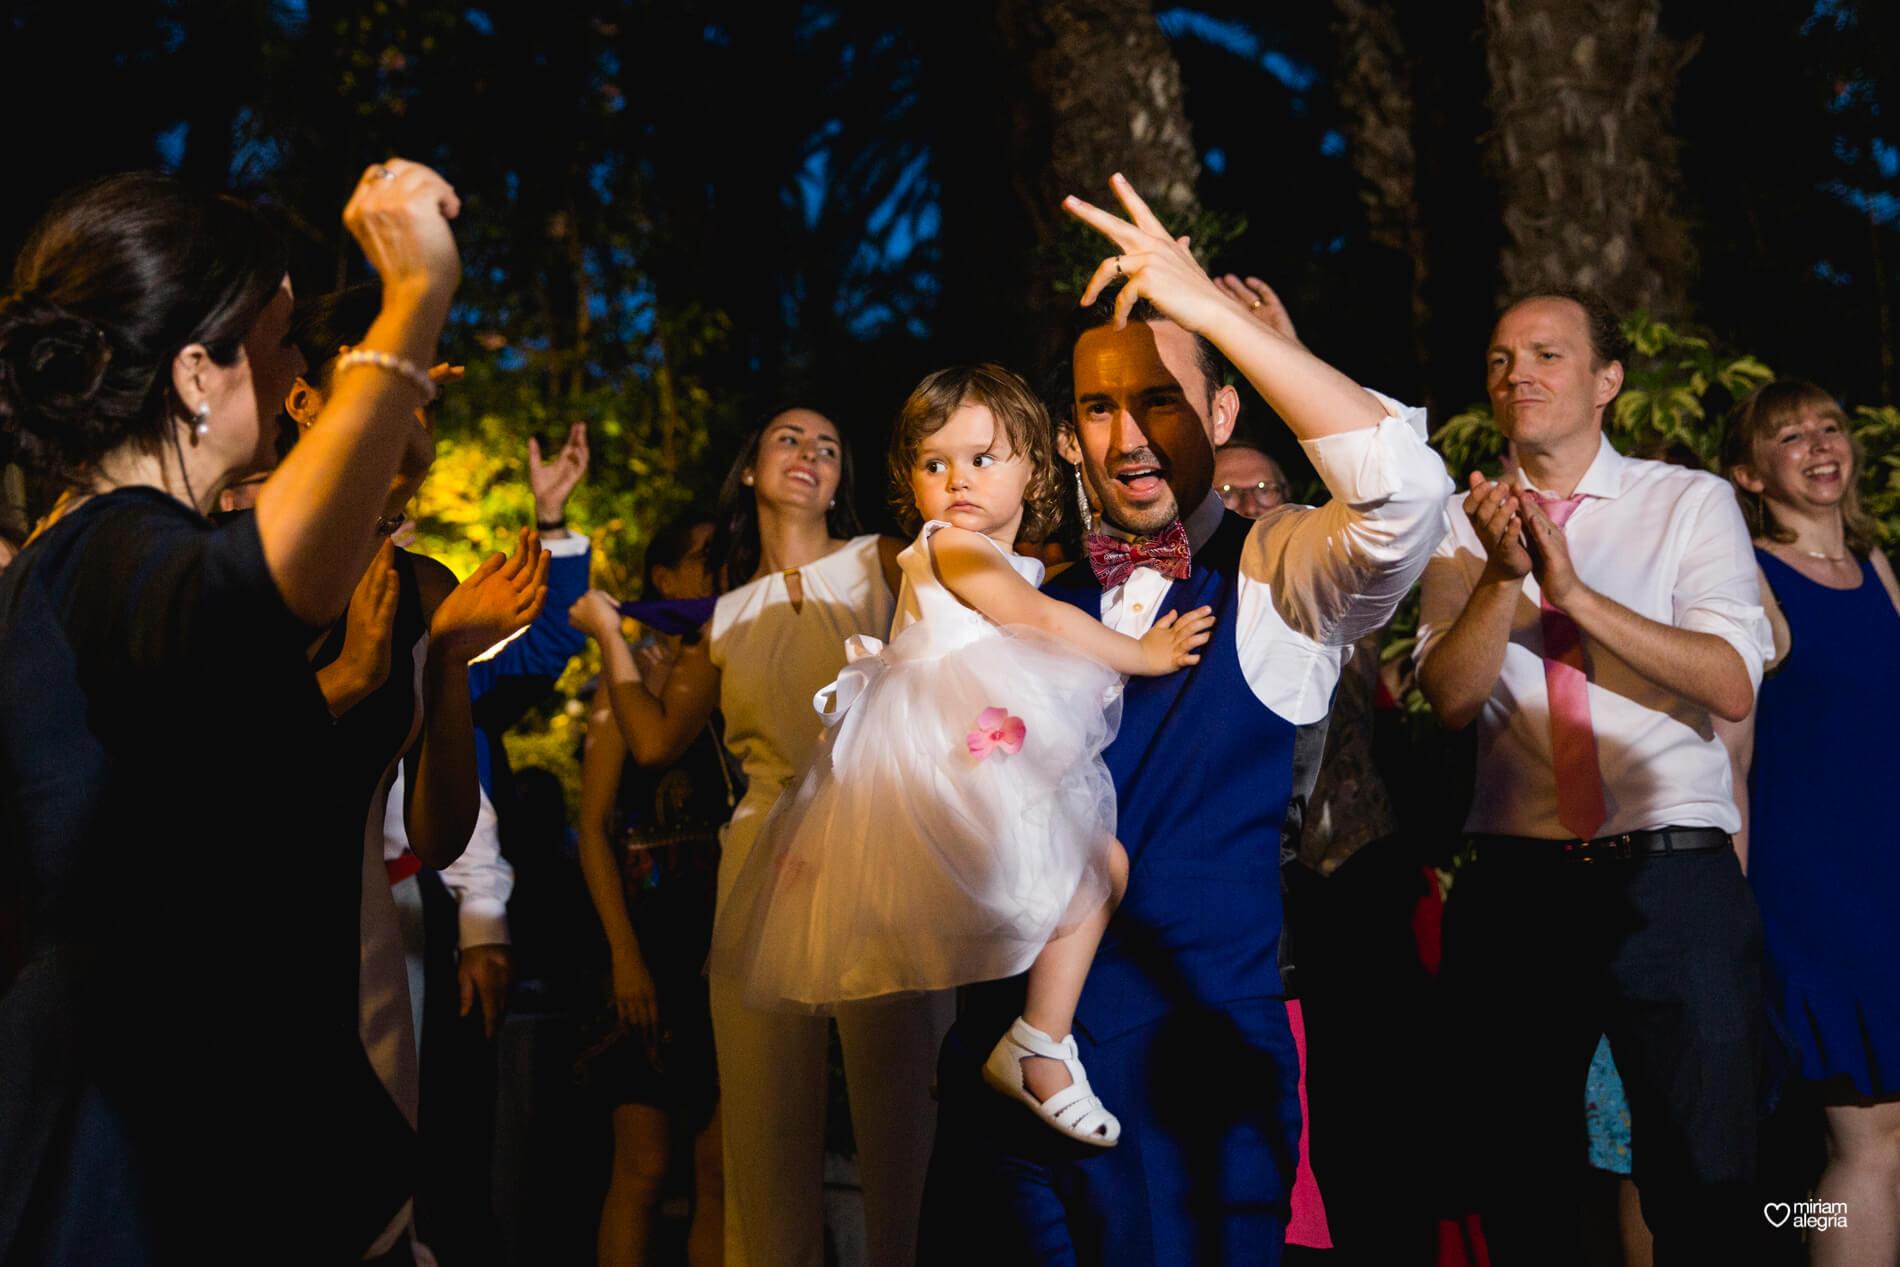 wedding-huerto-del-cura-elche-miriam-alegria-fotografos-boda-81